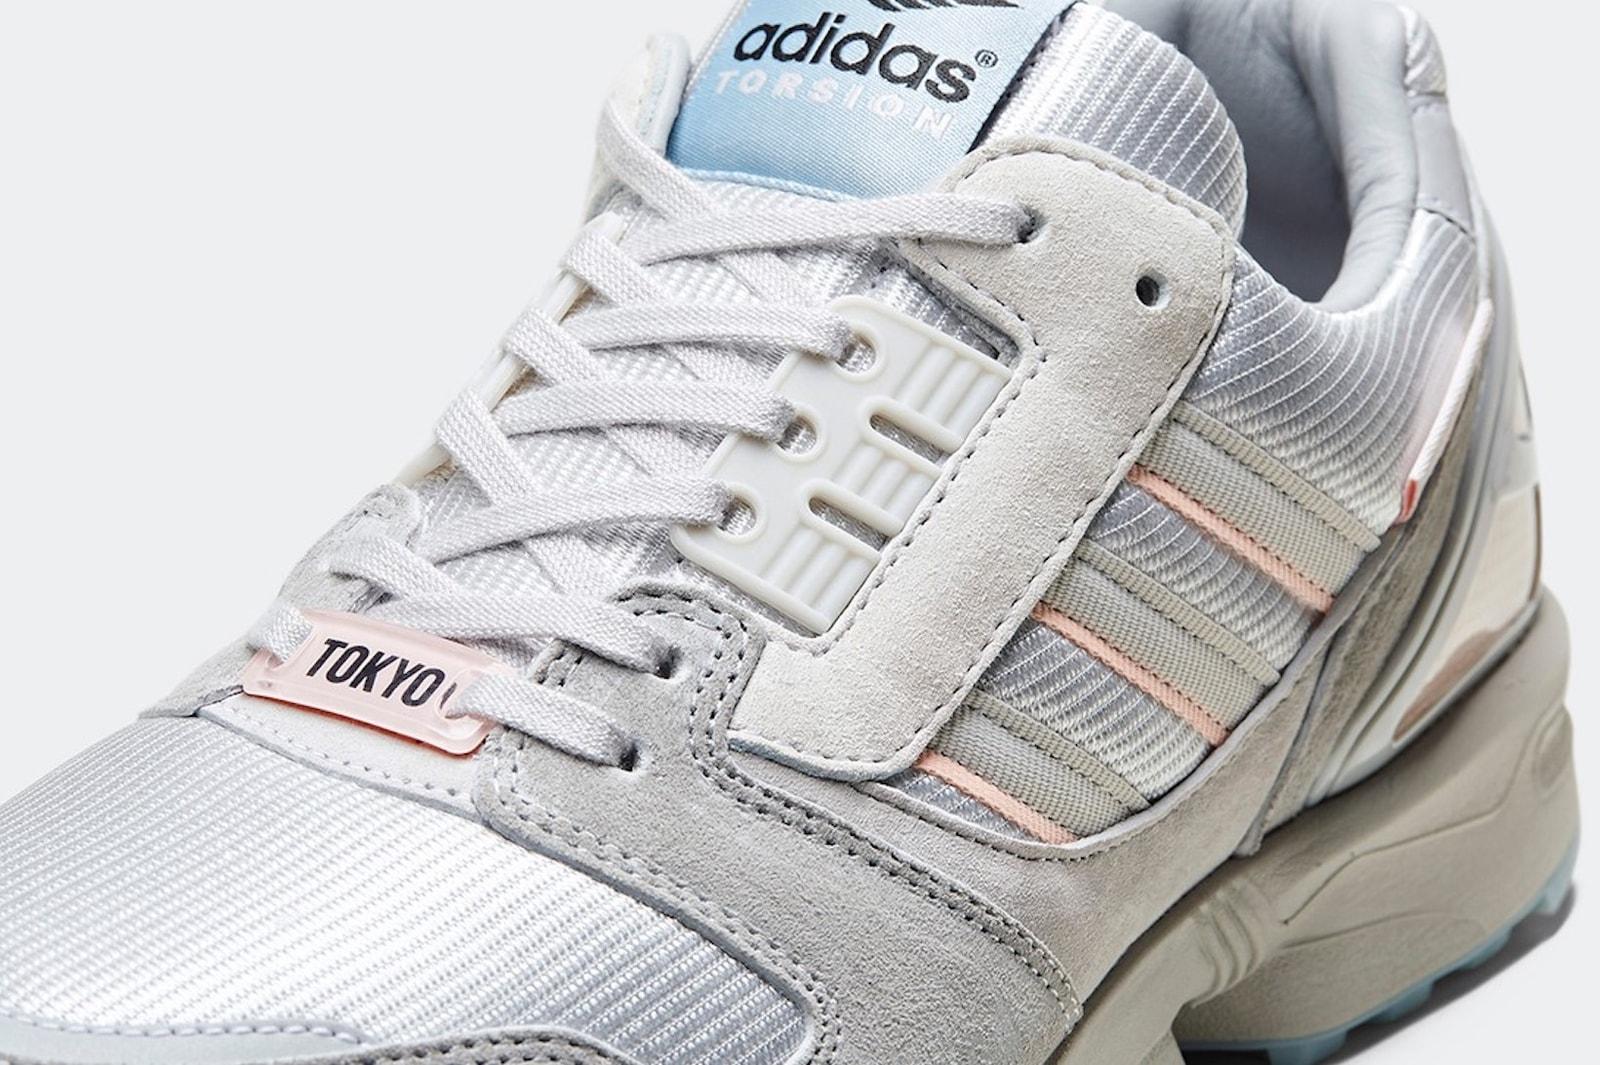 adidas zx 8000 sneakers kirschblutenallee pack pink blue grey release hanami yozakura festival sneakerhead footwear shoes